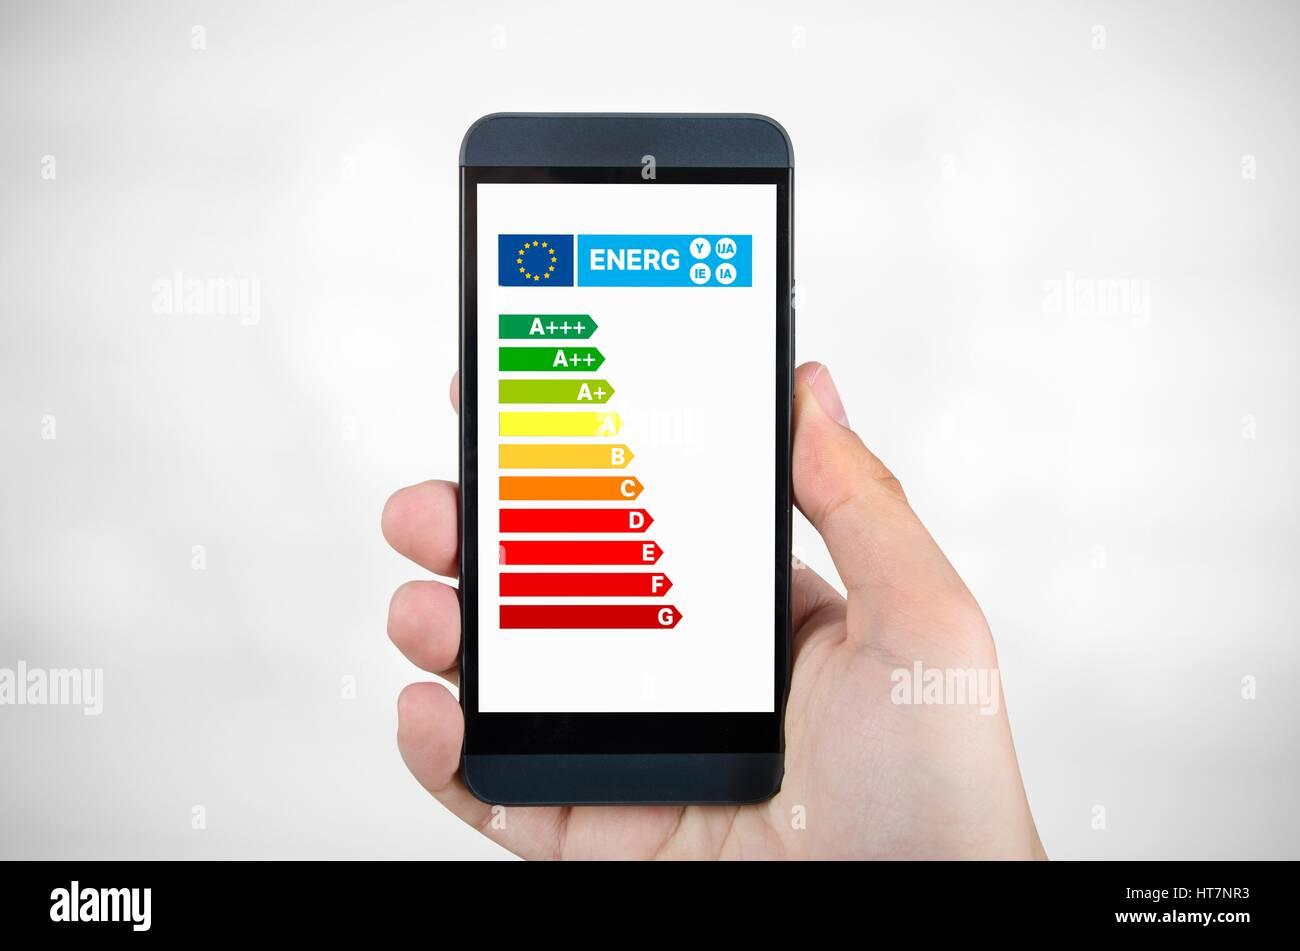 Mann hält Smartphone mit Energie-Effizienz-Diagramm. Einsparungen bei den Wohnkonzept Stockbild